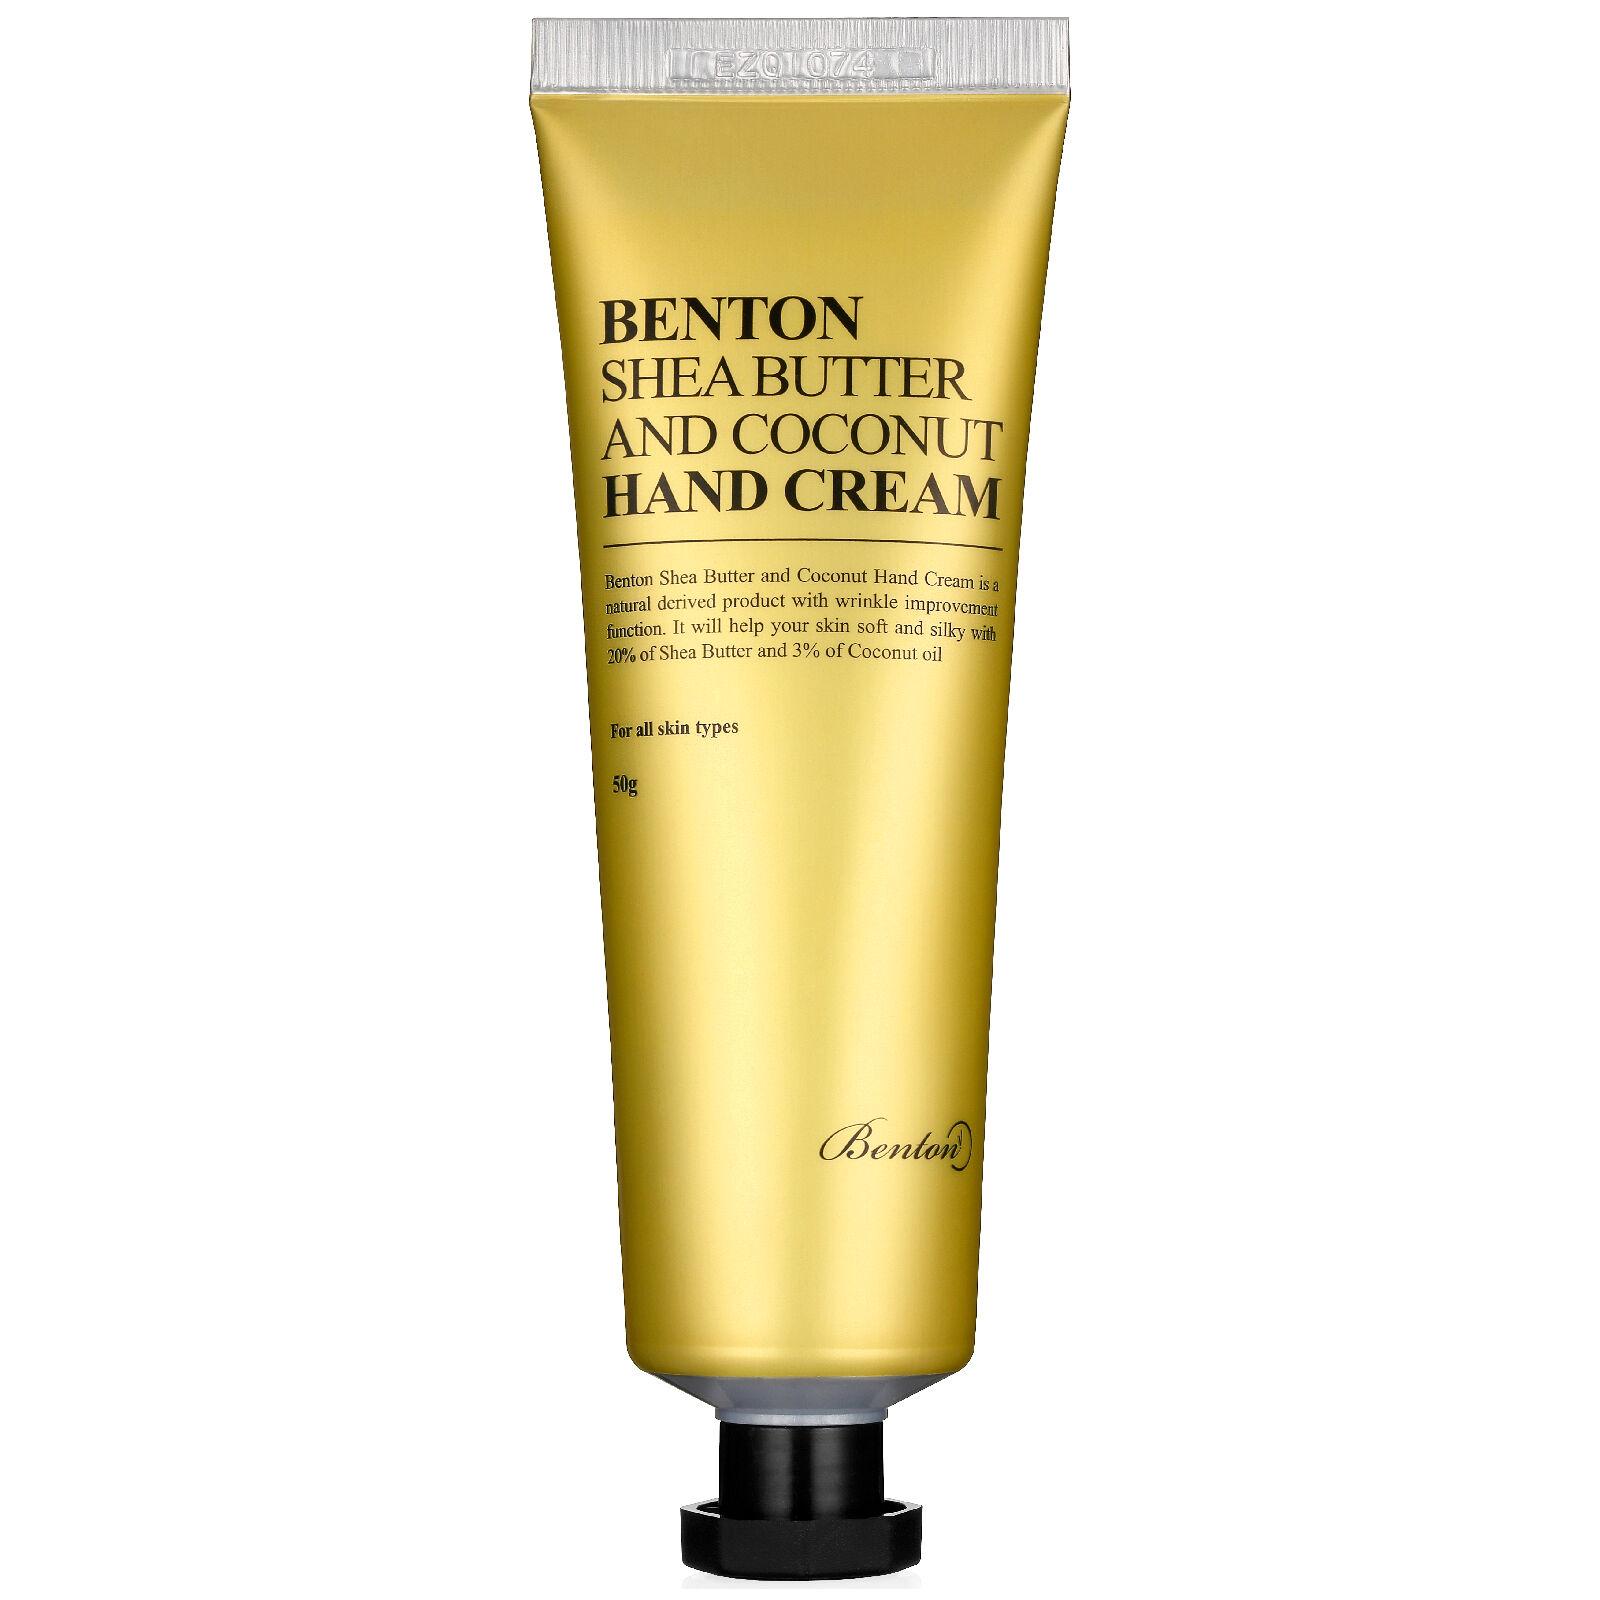 Benton Crème pour les mains au beurre de karité et à la noix de coco Benton 50 g